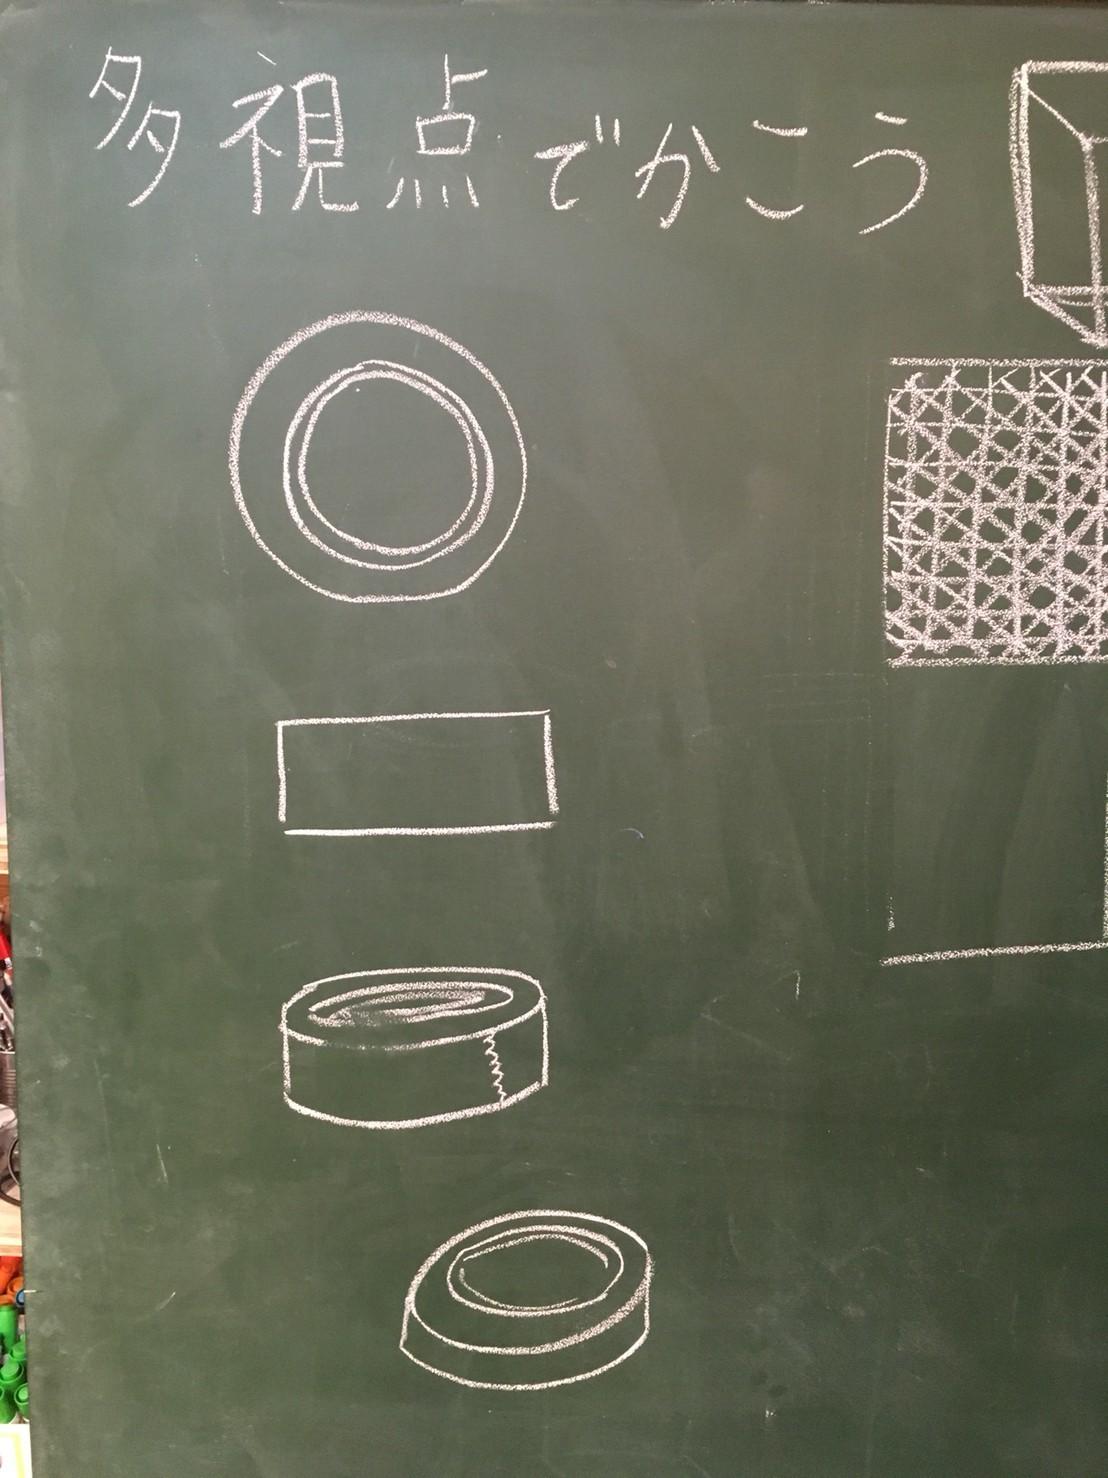 鉛筆で描こう~立体の表現へ向けて~_d0076558_15163421.jpg